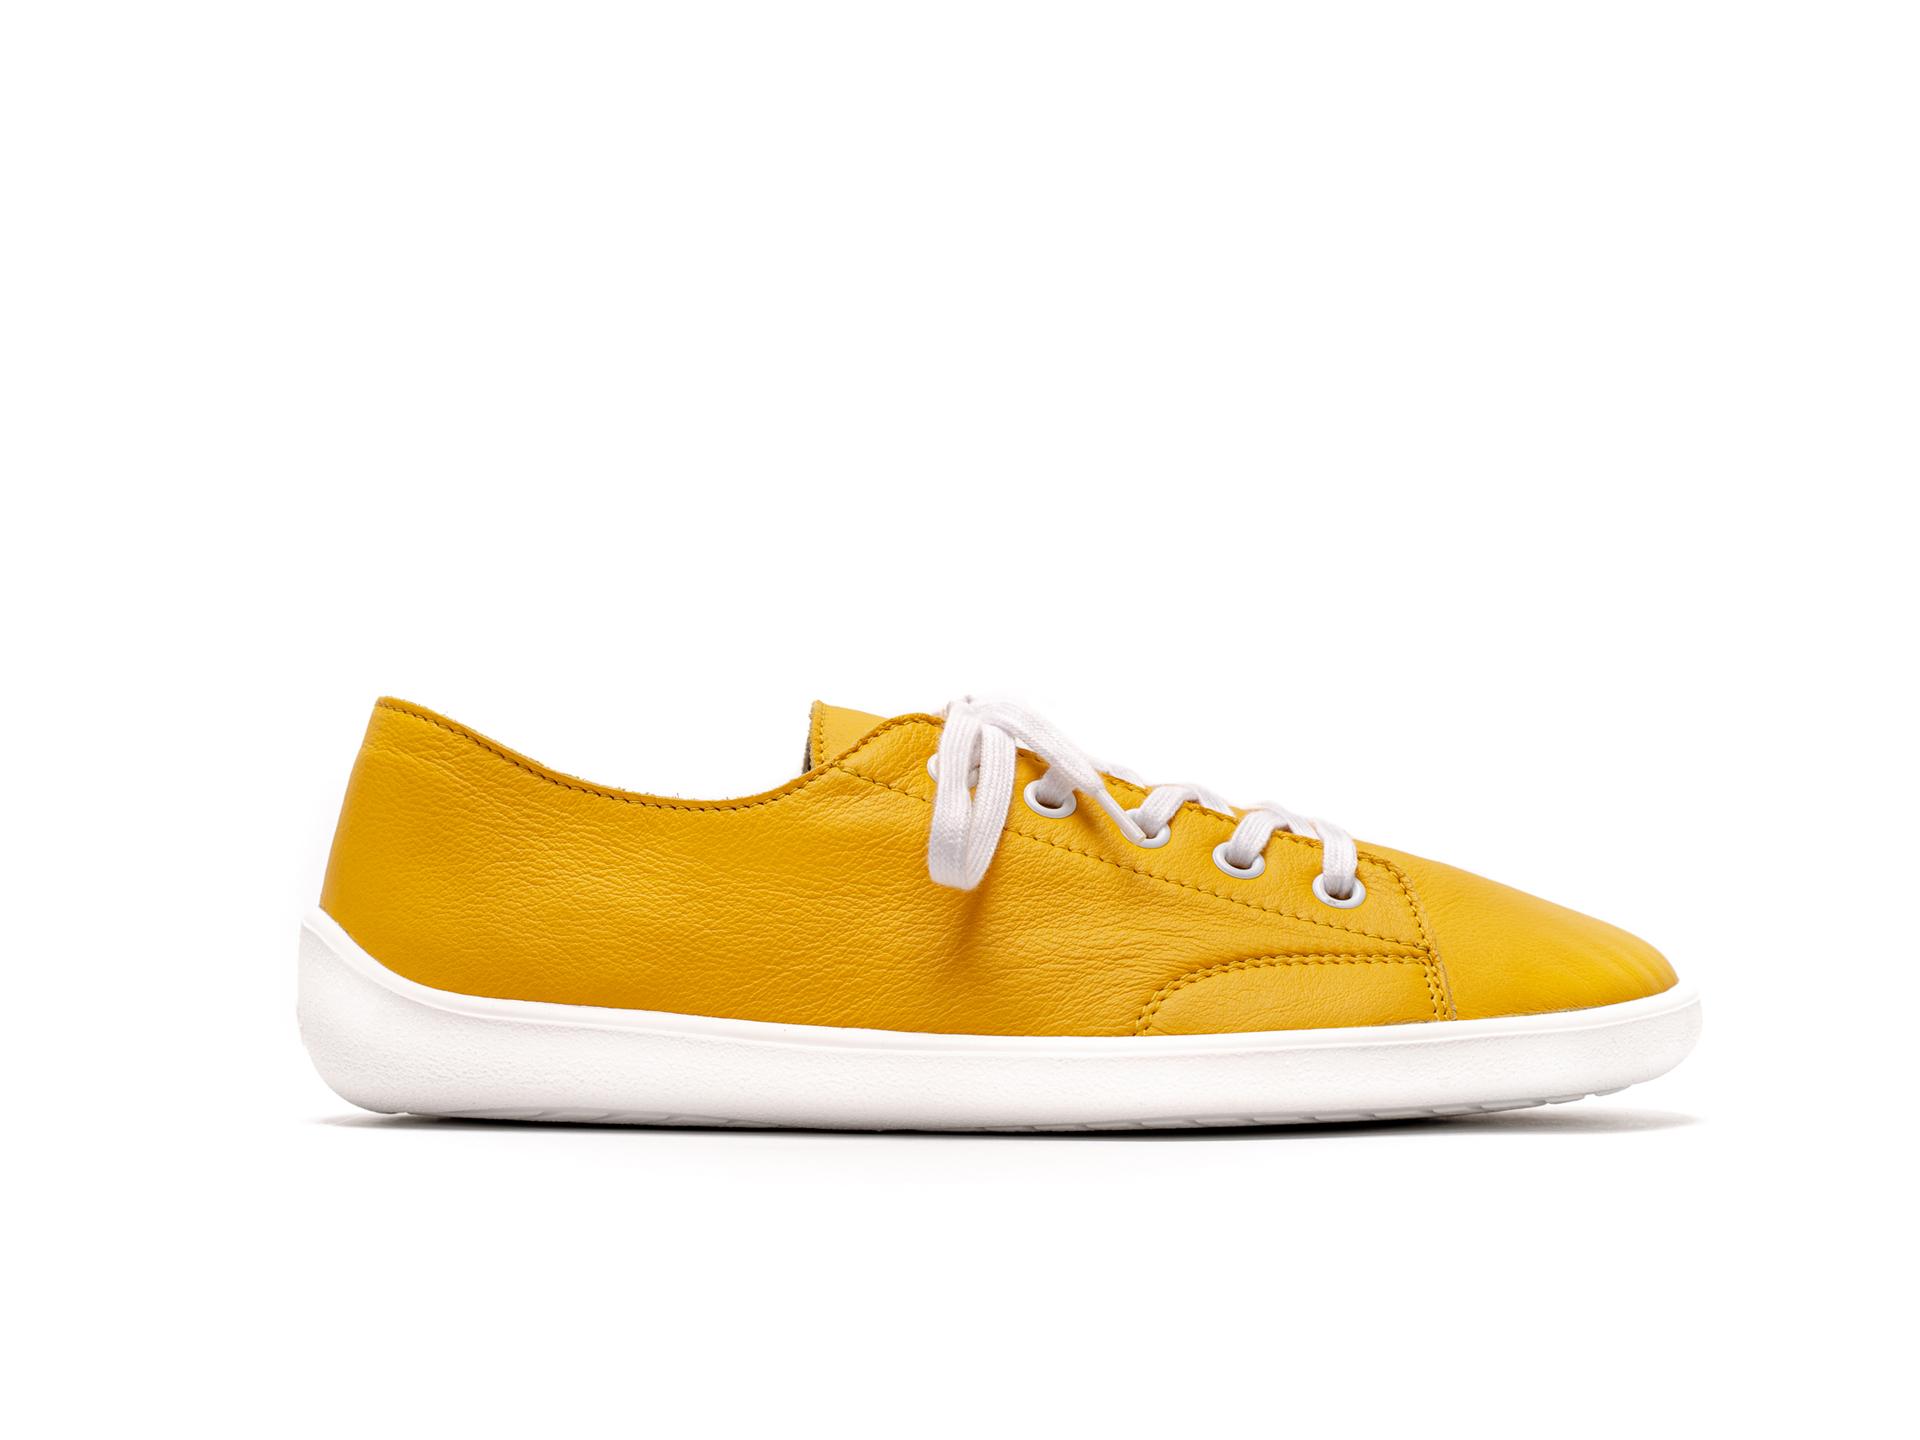 Barefoot Sneakers - Be Lenka Prime - Mustard 41